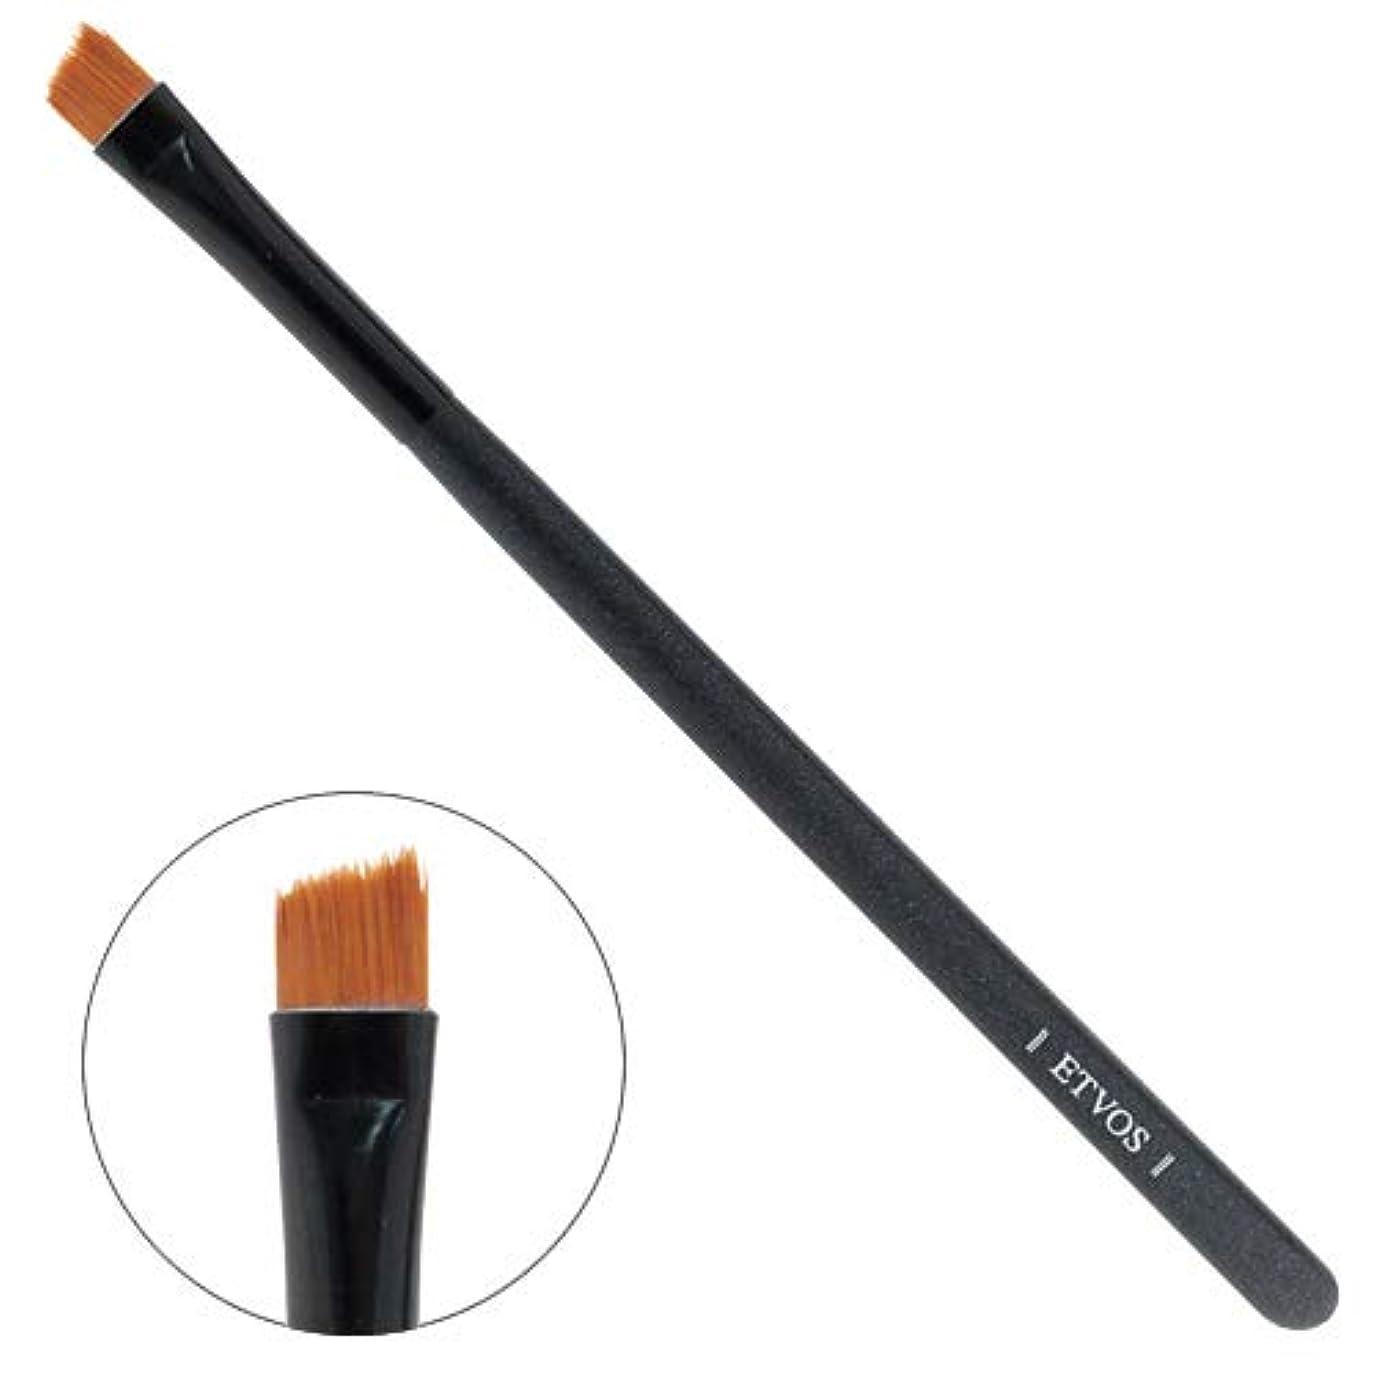 警察カプラーブラザーETVOS(エトヴォス) アイライナーブラシ 毛先を斜めカット/目のキワまでアイラインが引ける化粧筆 12.5cm